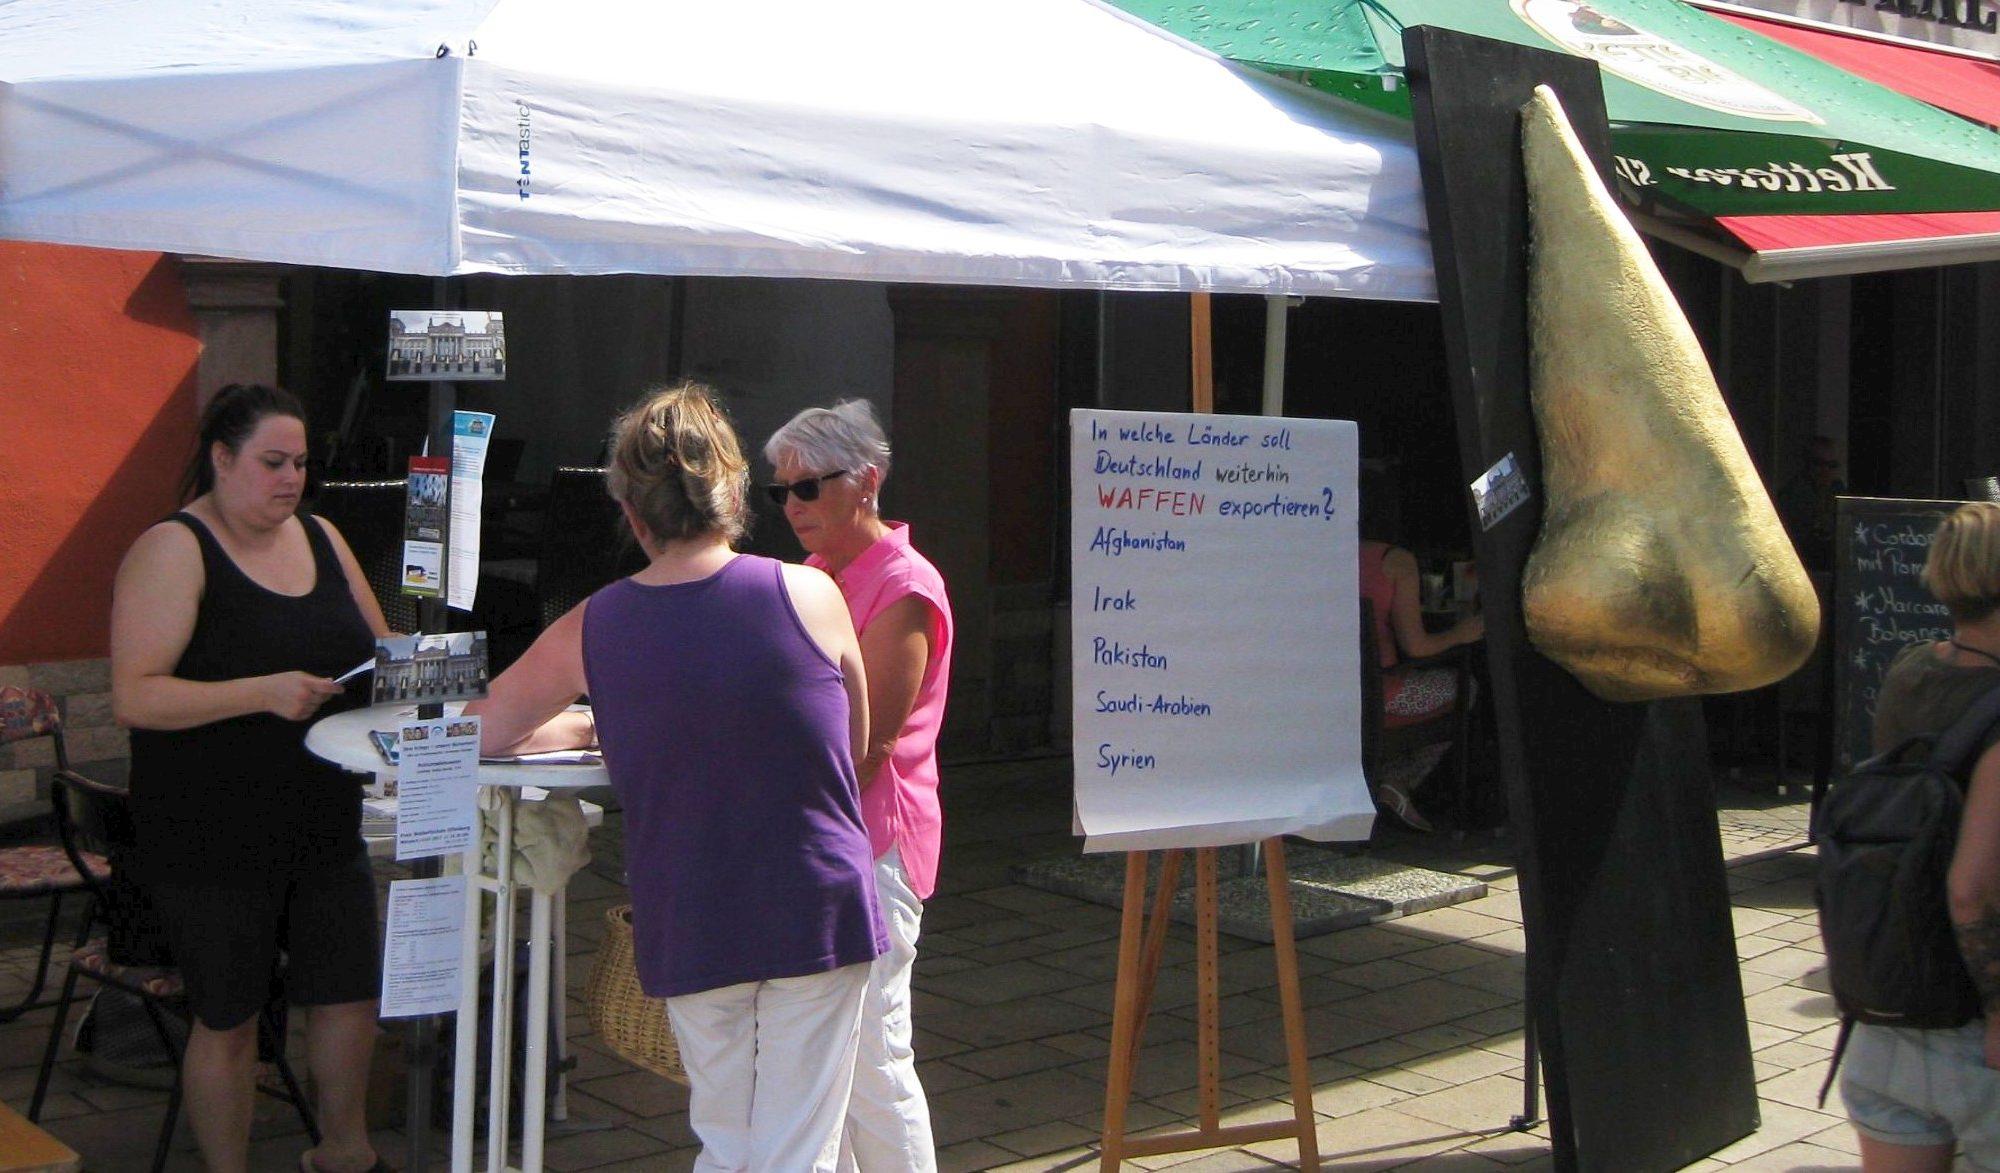 Foto eines Standes mit Pavillon und 4 Personen, sowie einer übergroßen vergoldeten Nase und einem Fragebogen